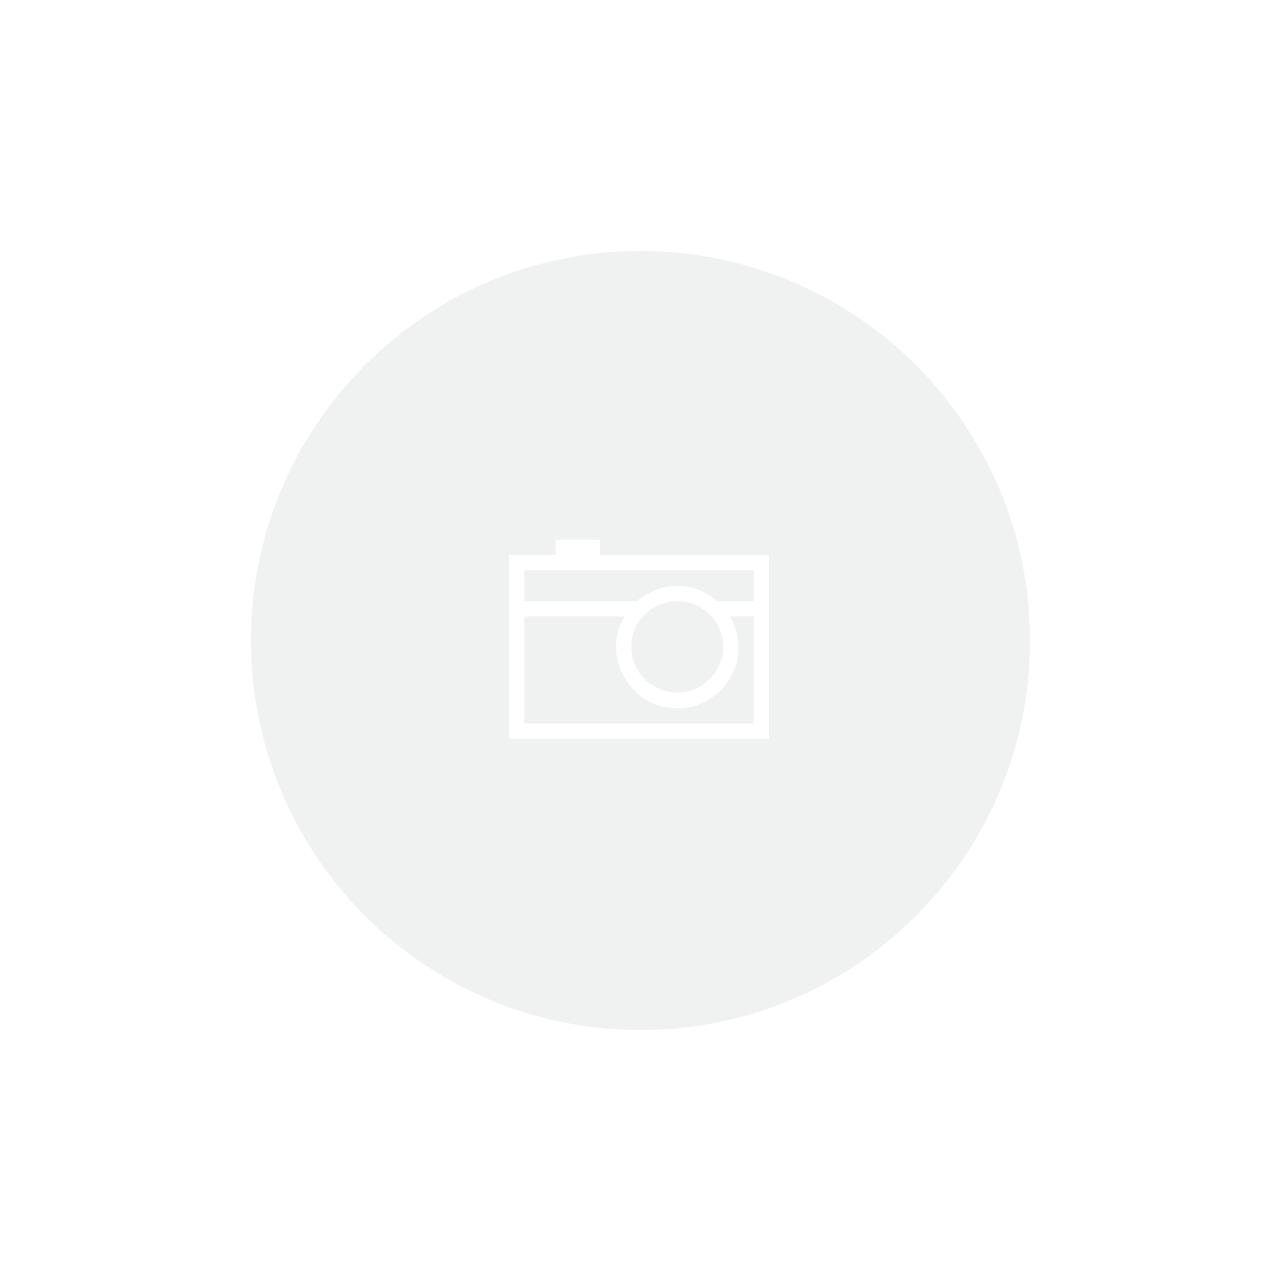 SSD WD Green, 240 GB, SATA 3, 2.5, WDS240G2G0A